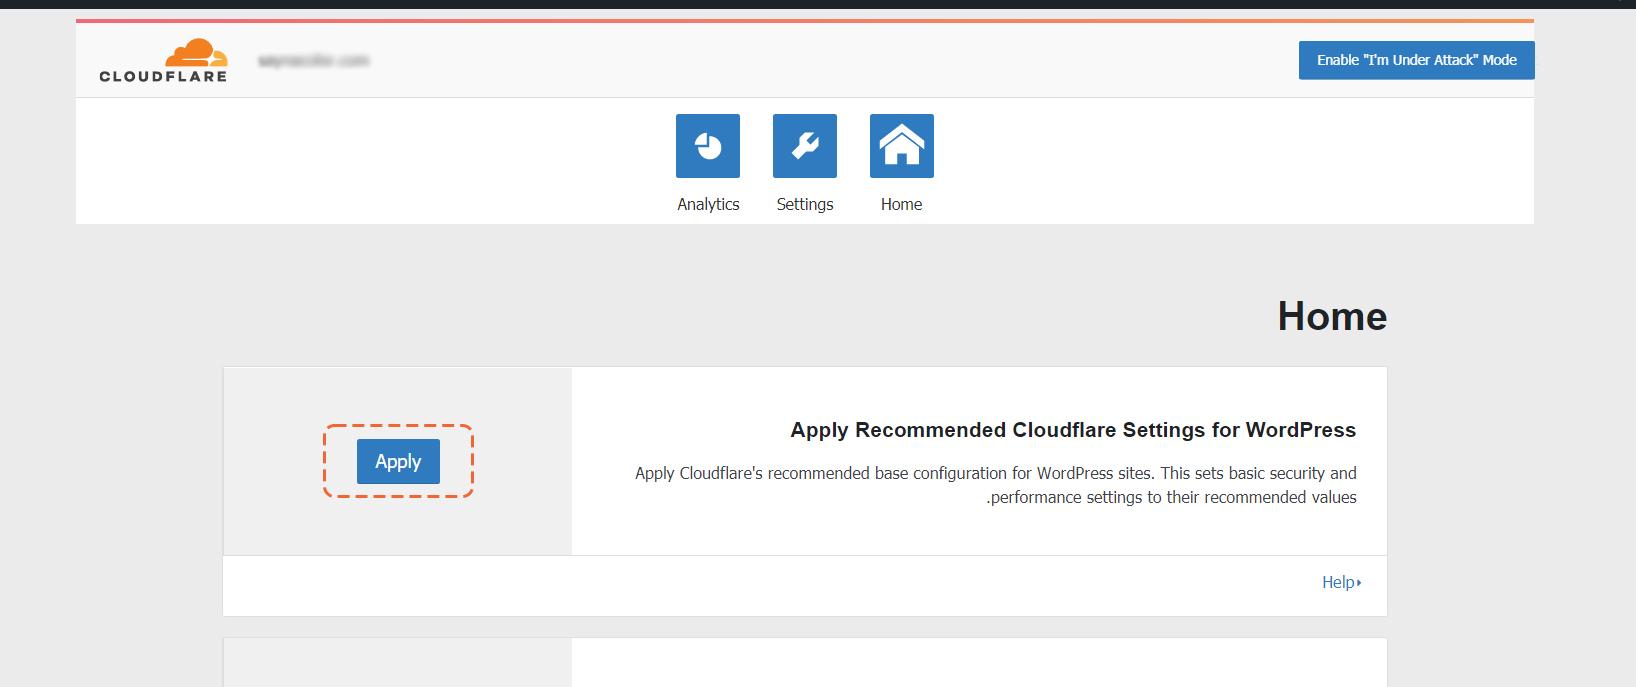 تنظیم cloudflare بر روی وردپرس